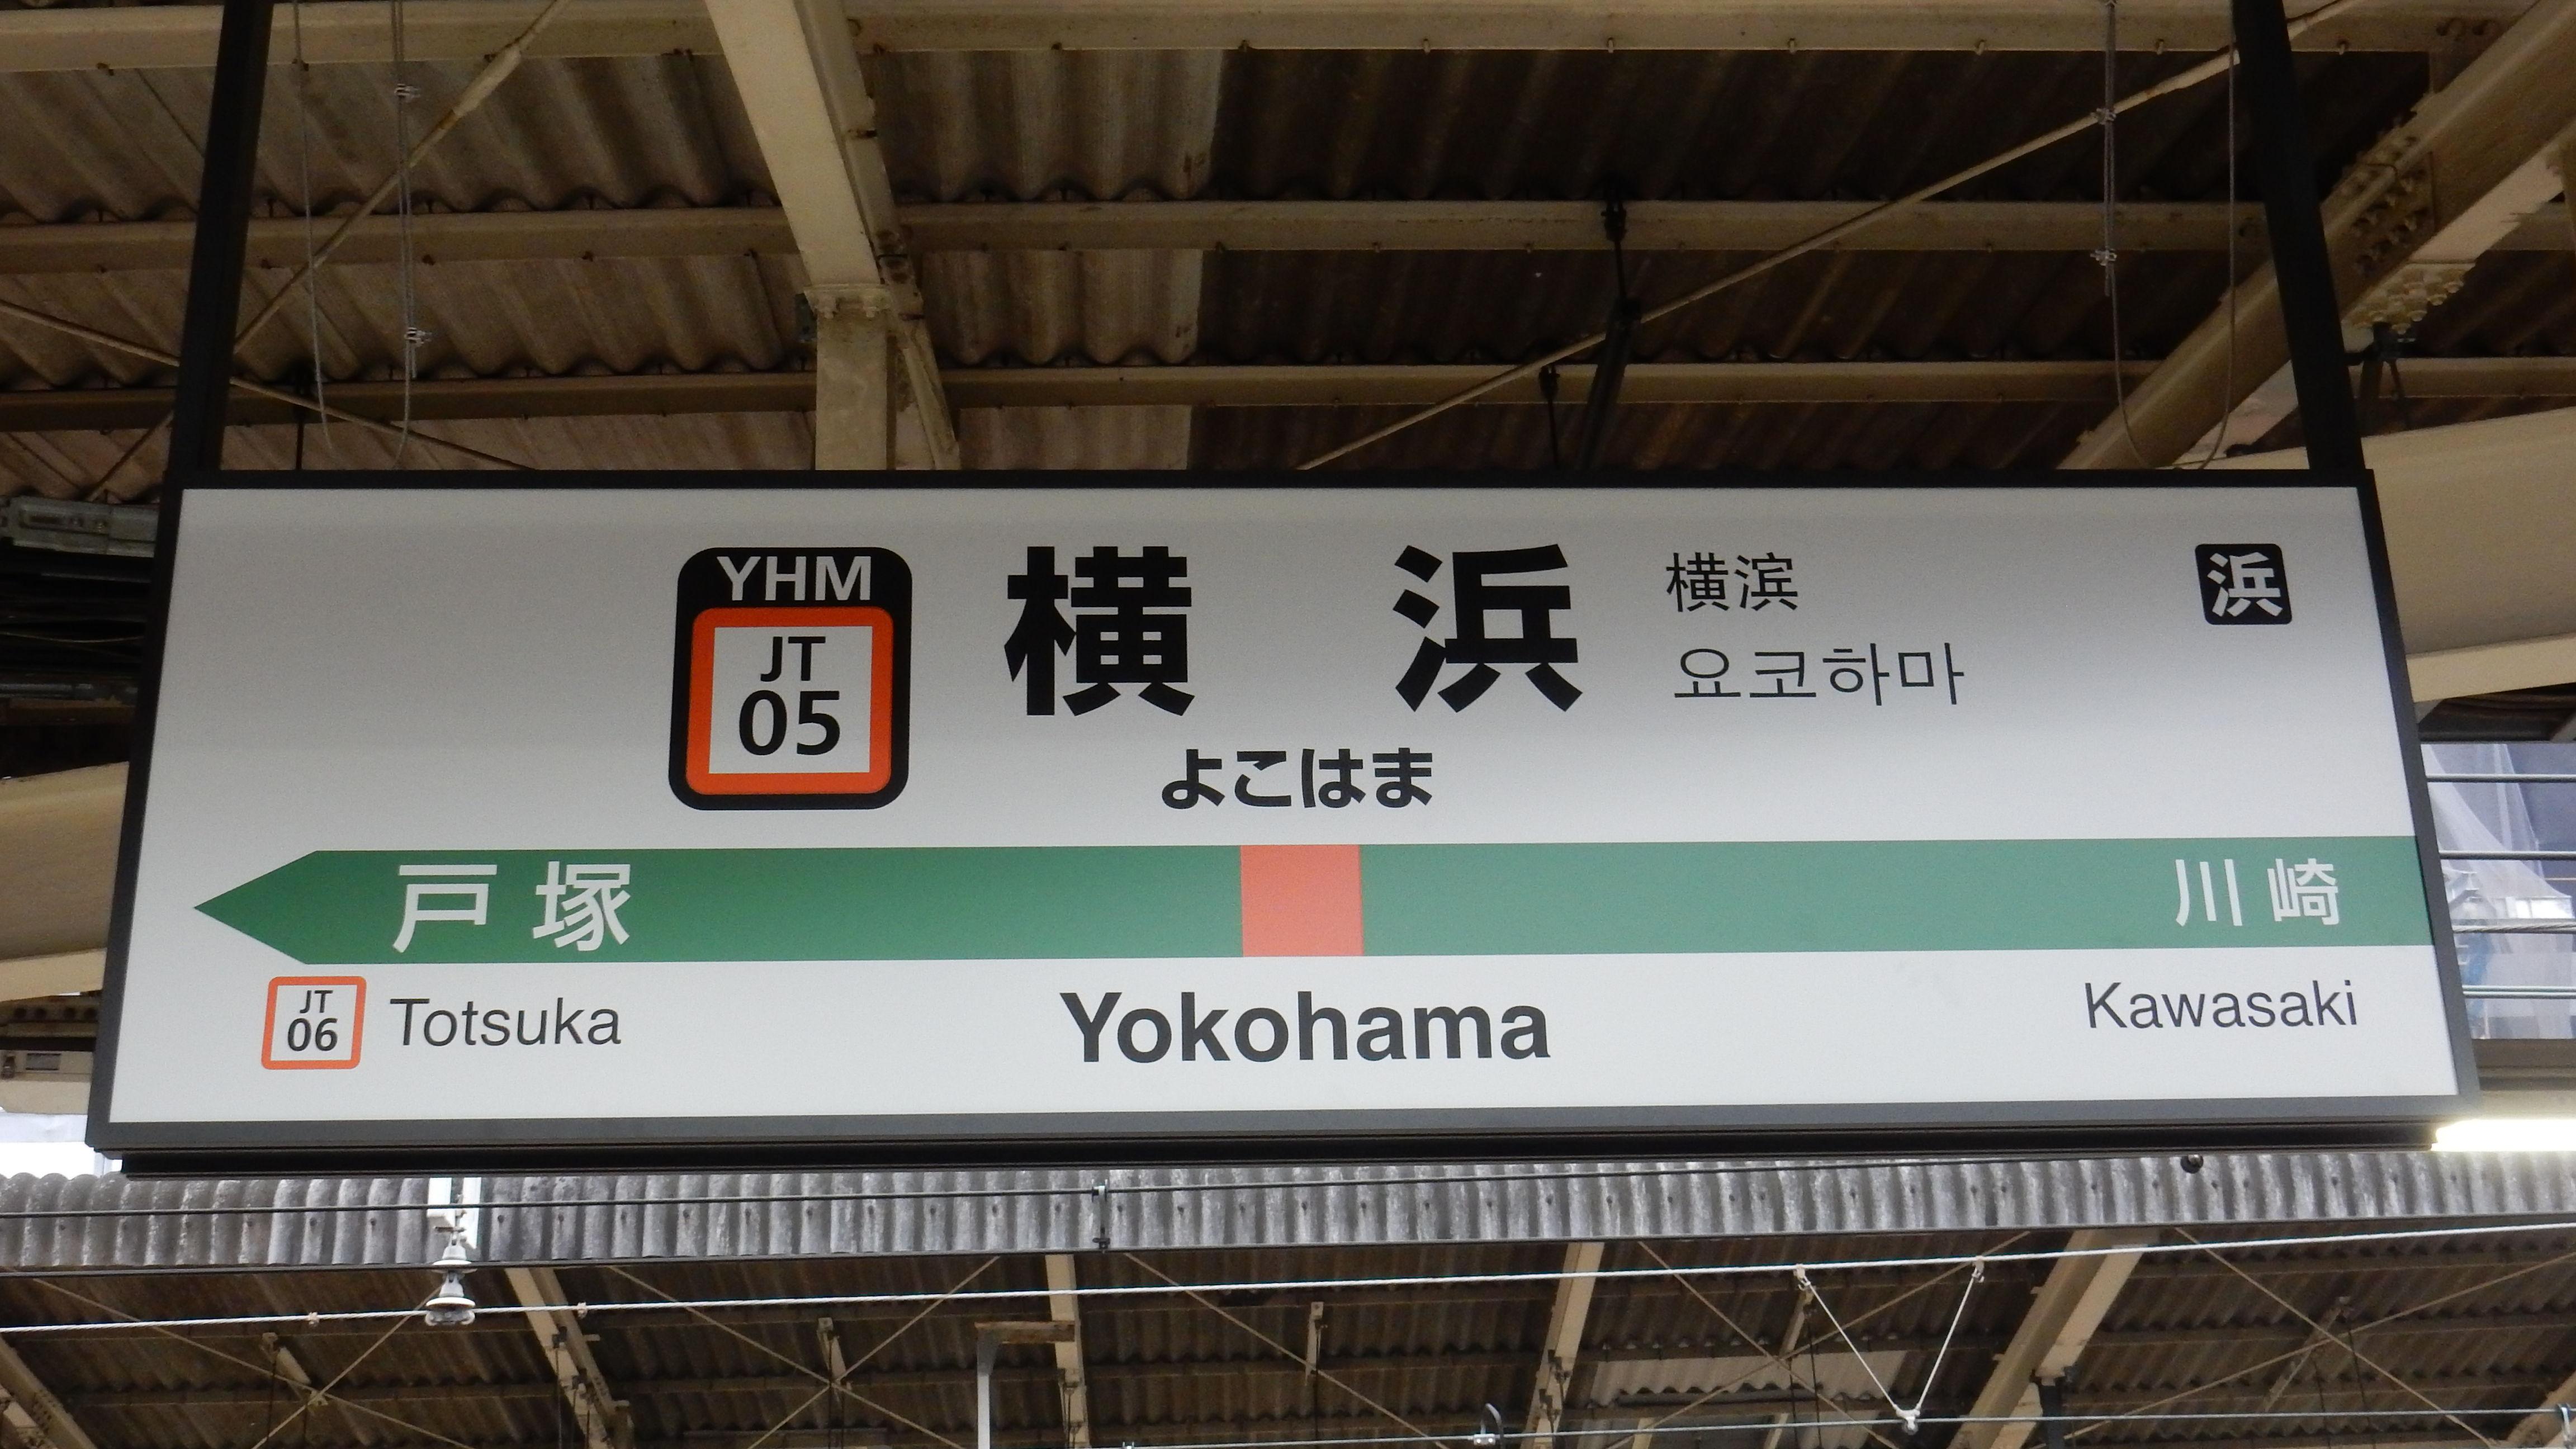 松の木の鉄日常を綴るのんびりBlog  JR駅ナンバリング更新状況 17年11月下旬版コメント                松の木